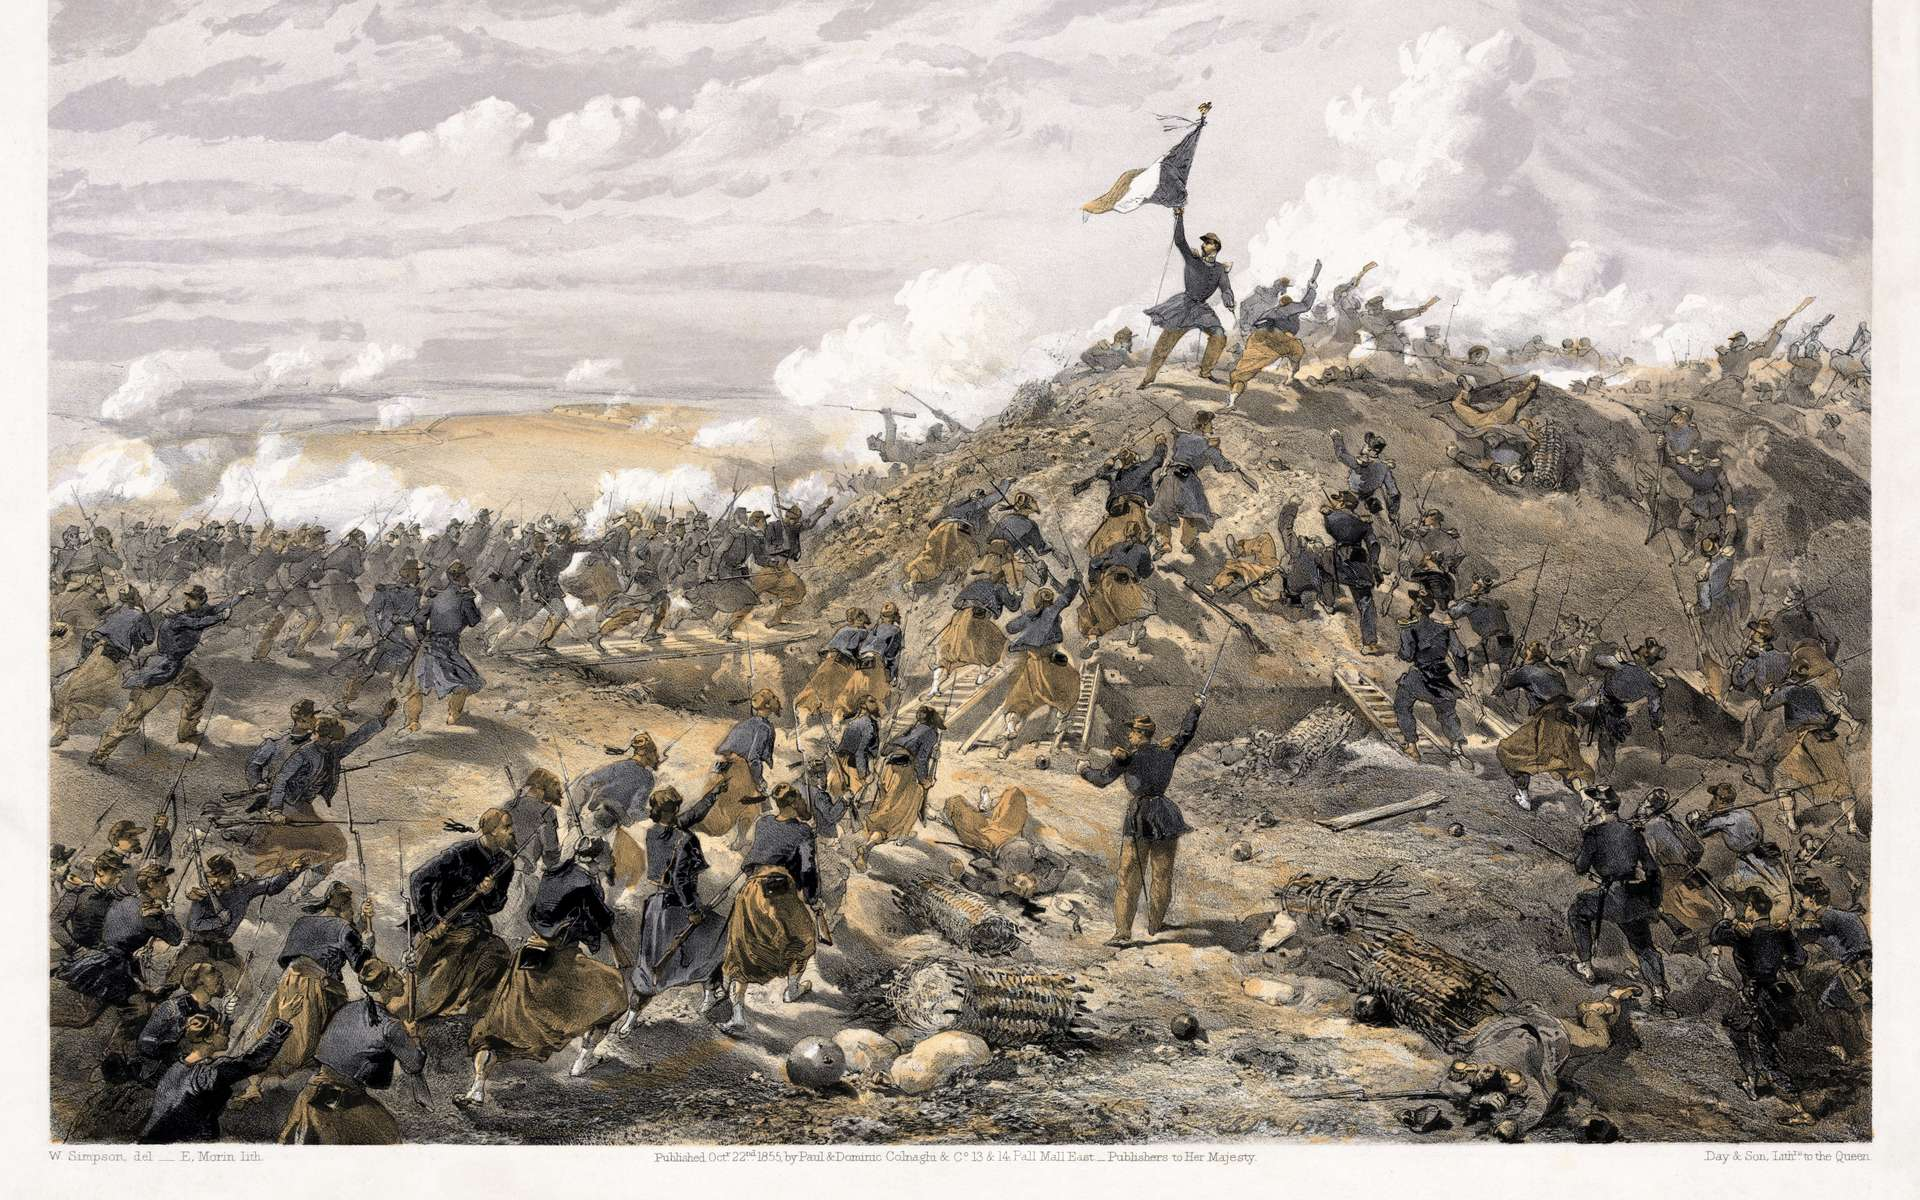 L'attaque de Malakoff, durant le siège de Sébastopol, a été l'un des événements marquants de la guerre de Crimée. © William Simpson, Wikimedia Commons, DP